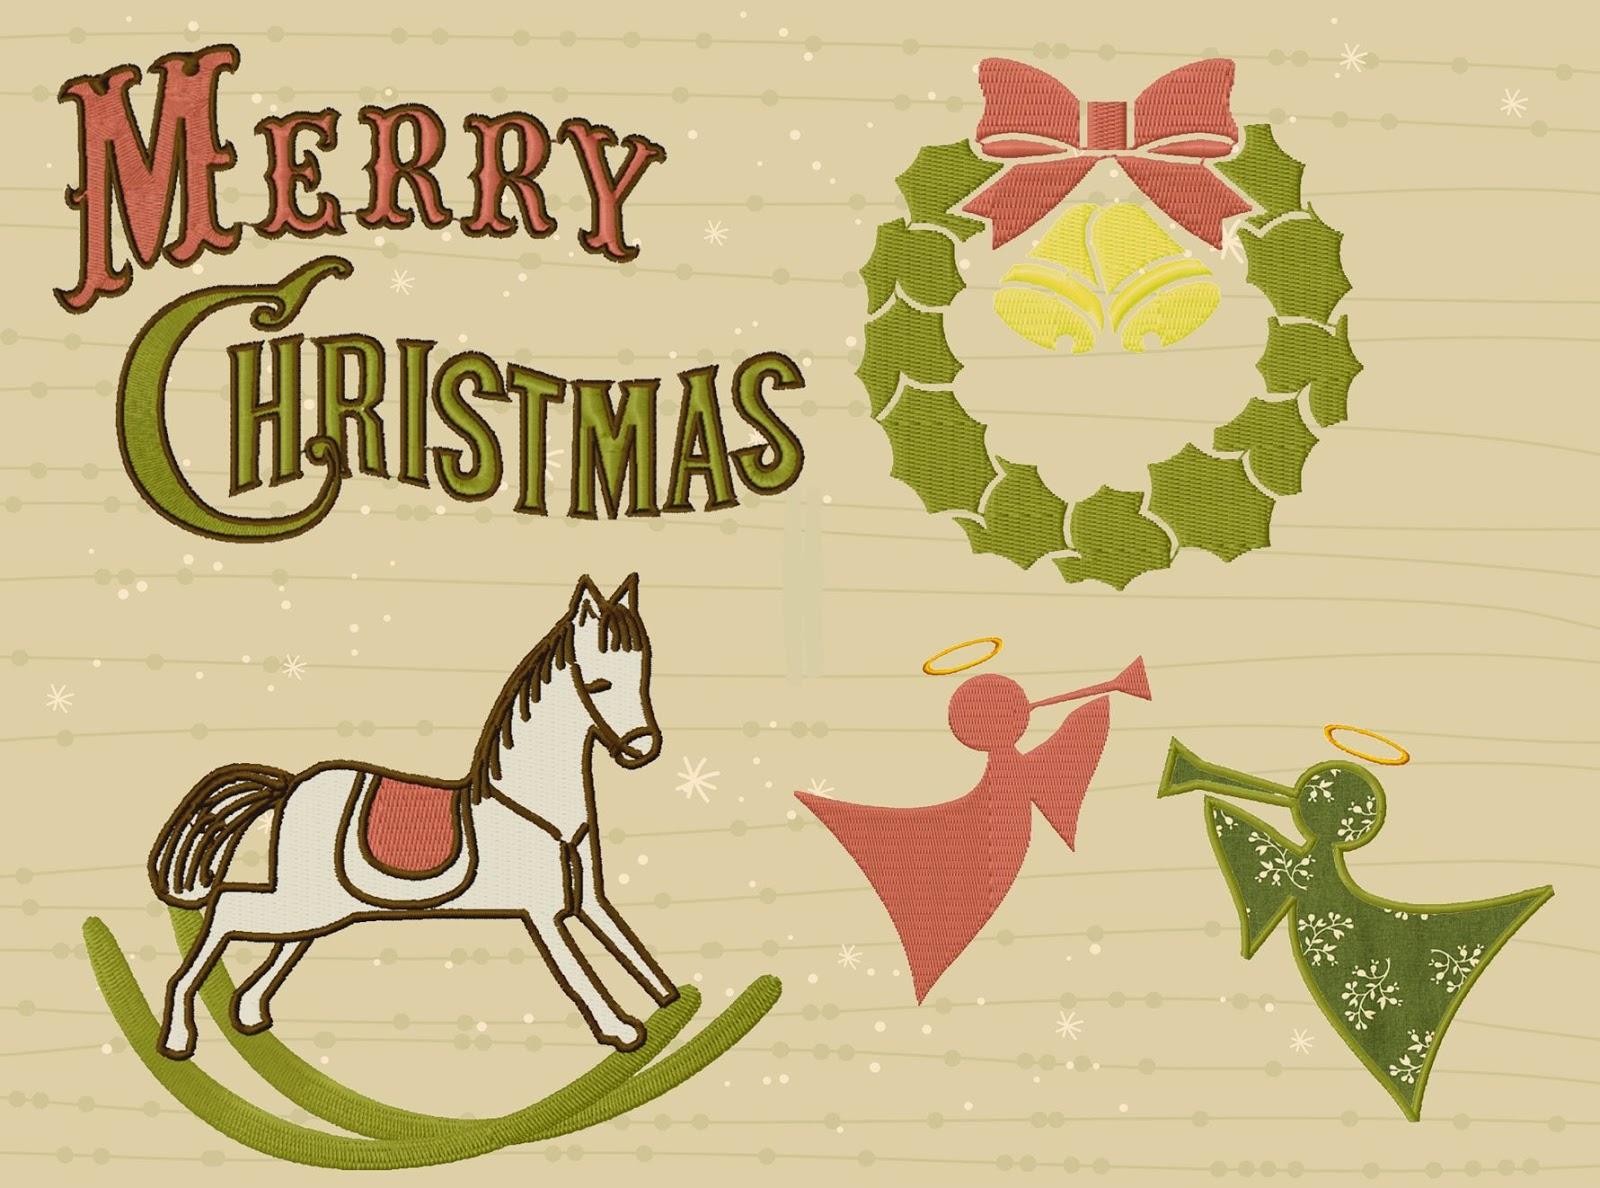 Nostalgische Weihnachtsmotive.Finandfancy Stickdateien Embroidery Designs Neue Weihnachtsmotive